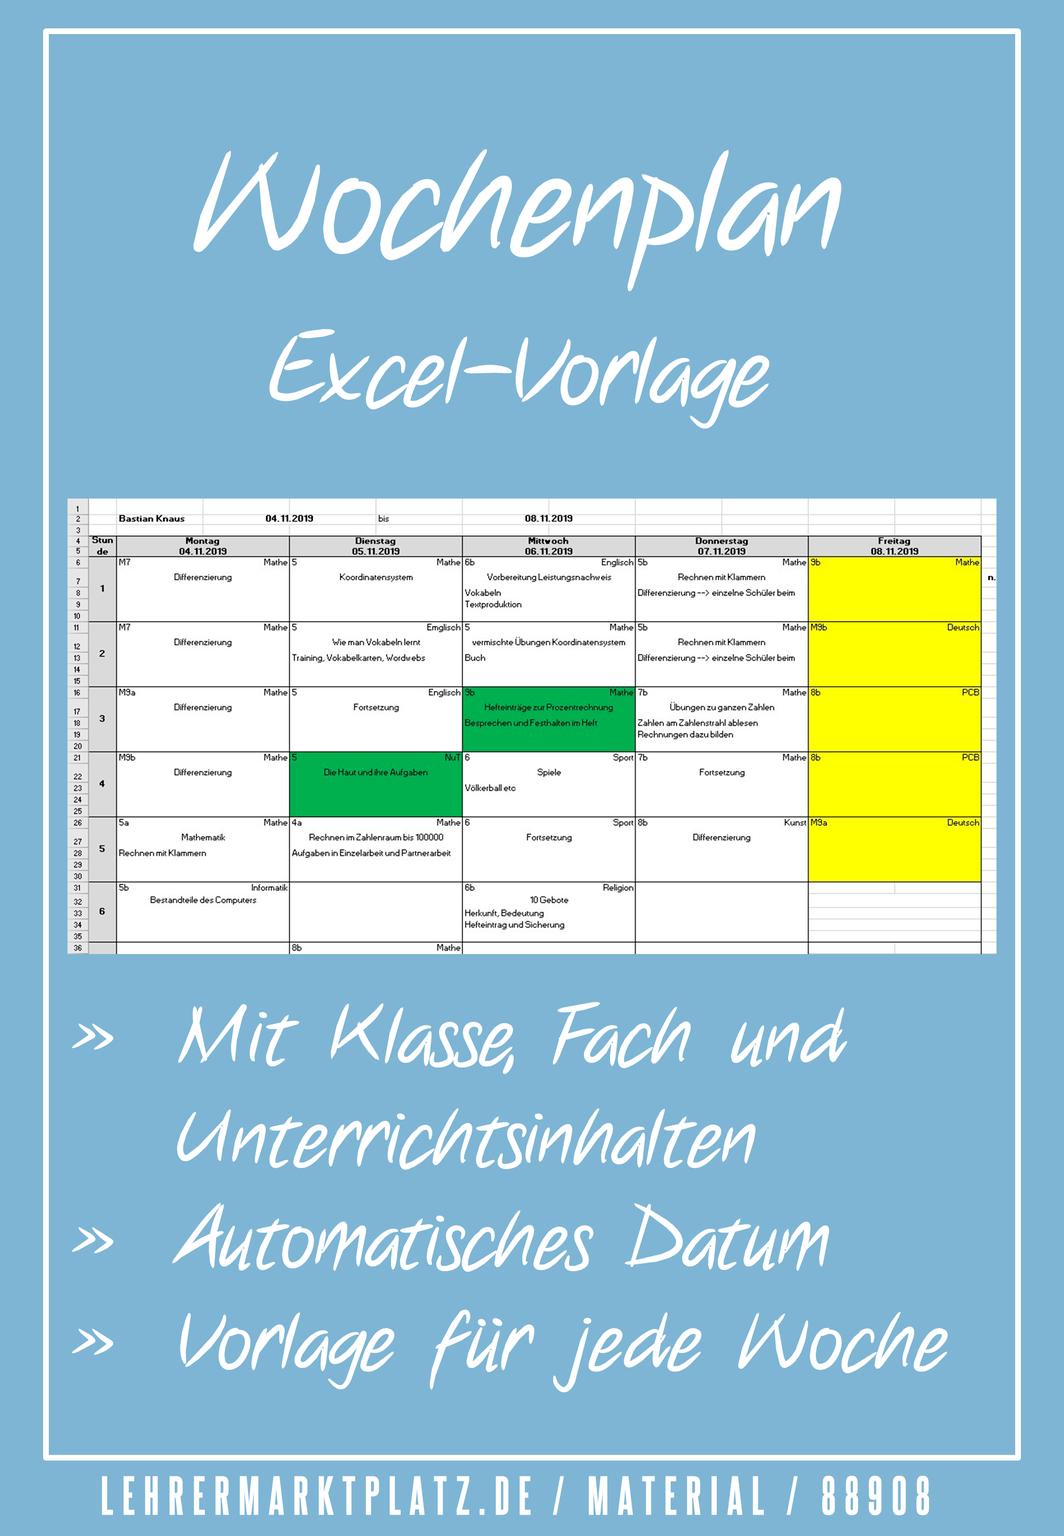 Wochenplan Vorlage Zur Unterrichtsplanung Lehrer Zeit De Unterrichtsplanung Wochenplan Vorlage Unterrichts Planung